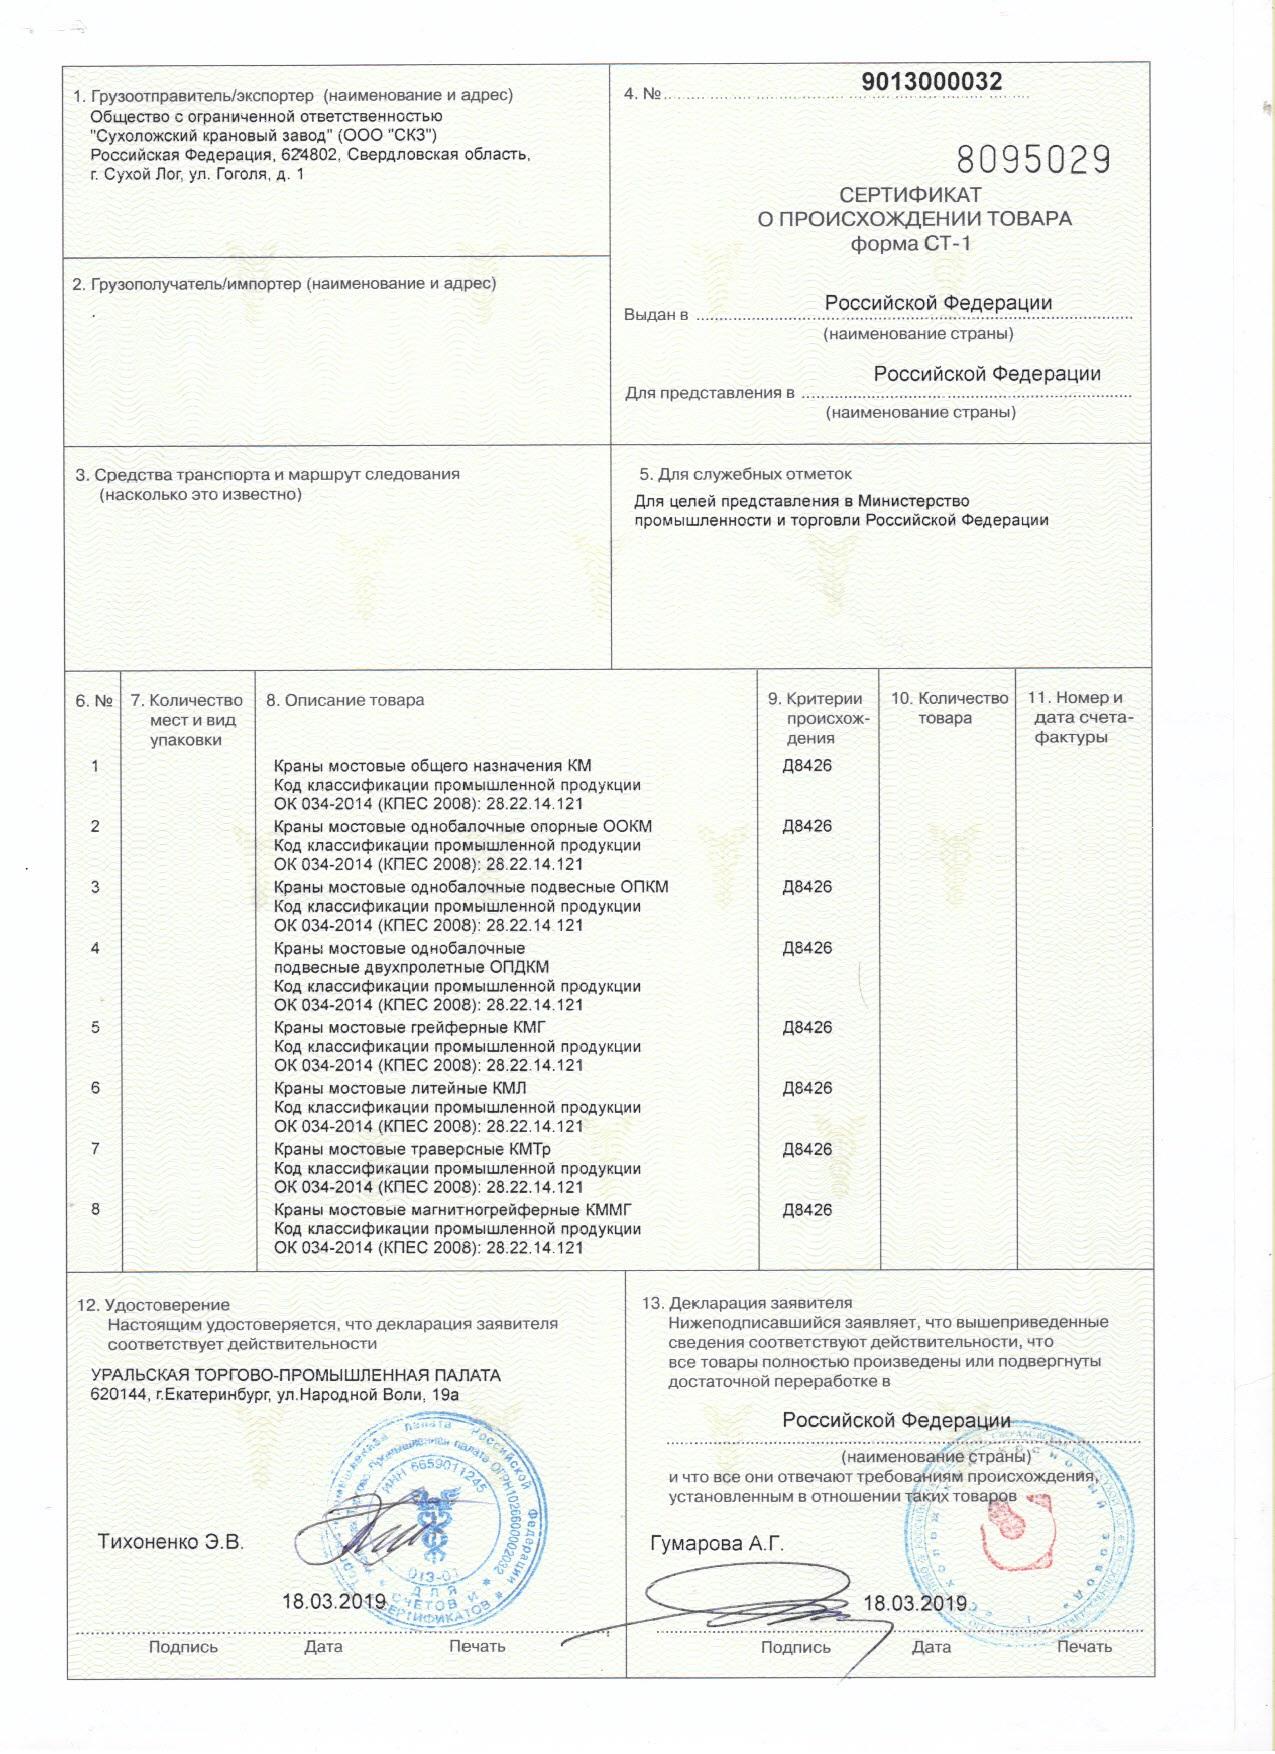 Сертификат ст-1: что это такое? сертификат о происхождении товара